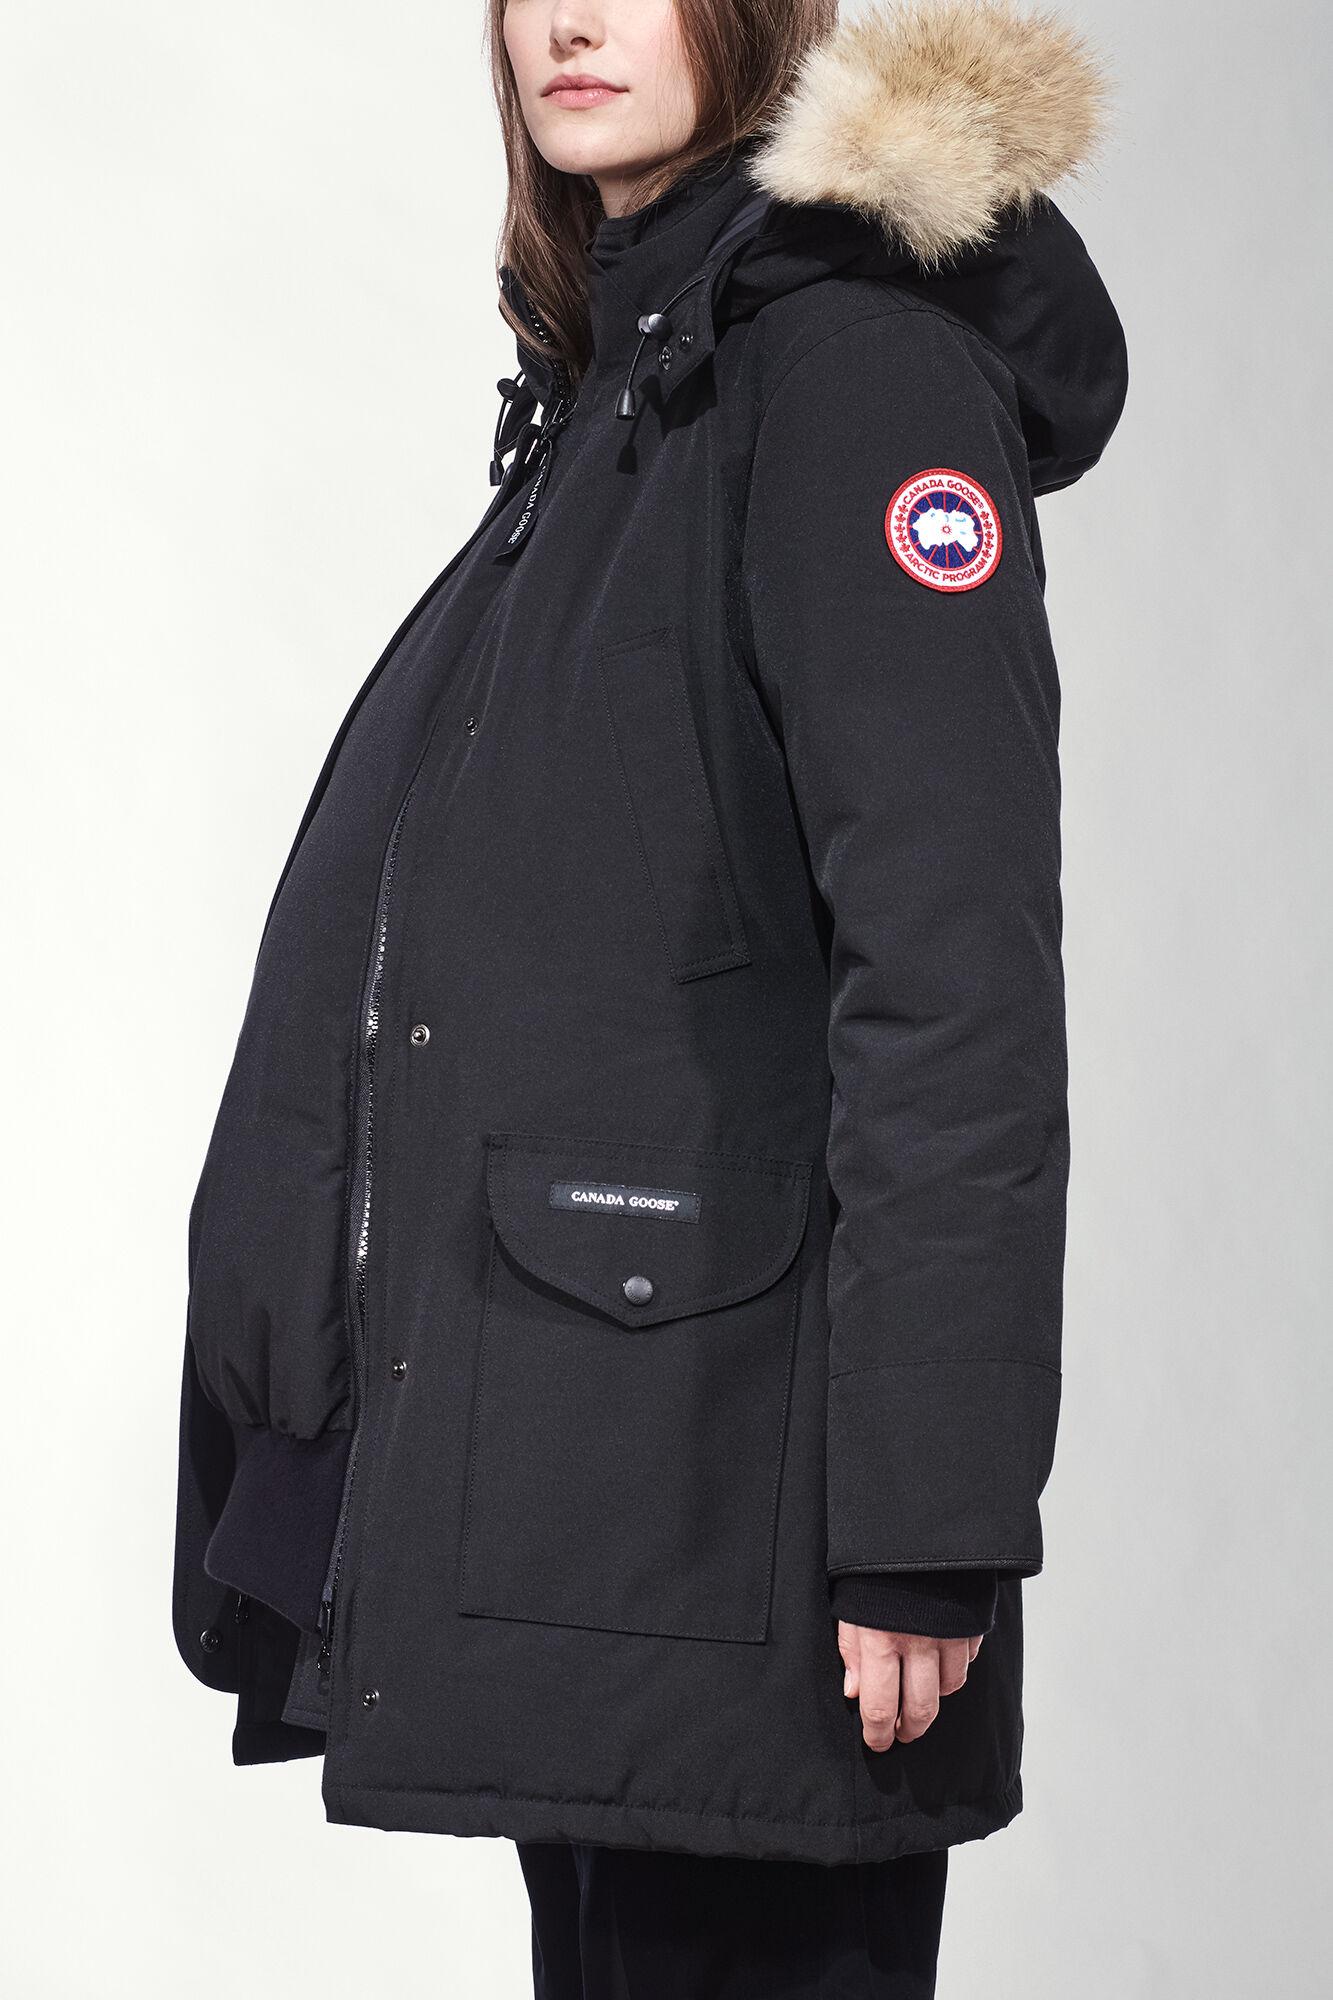 Jacket extender toronto